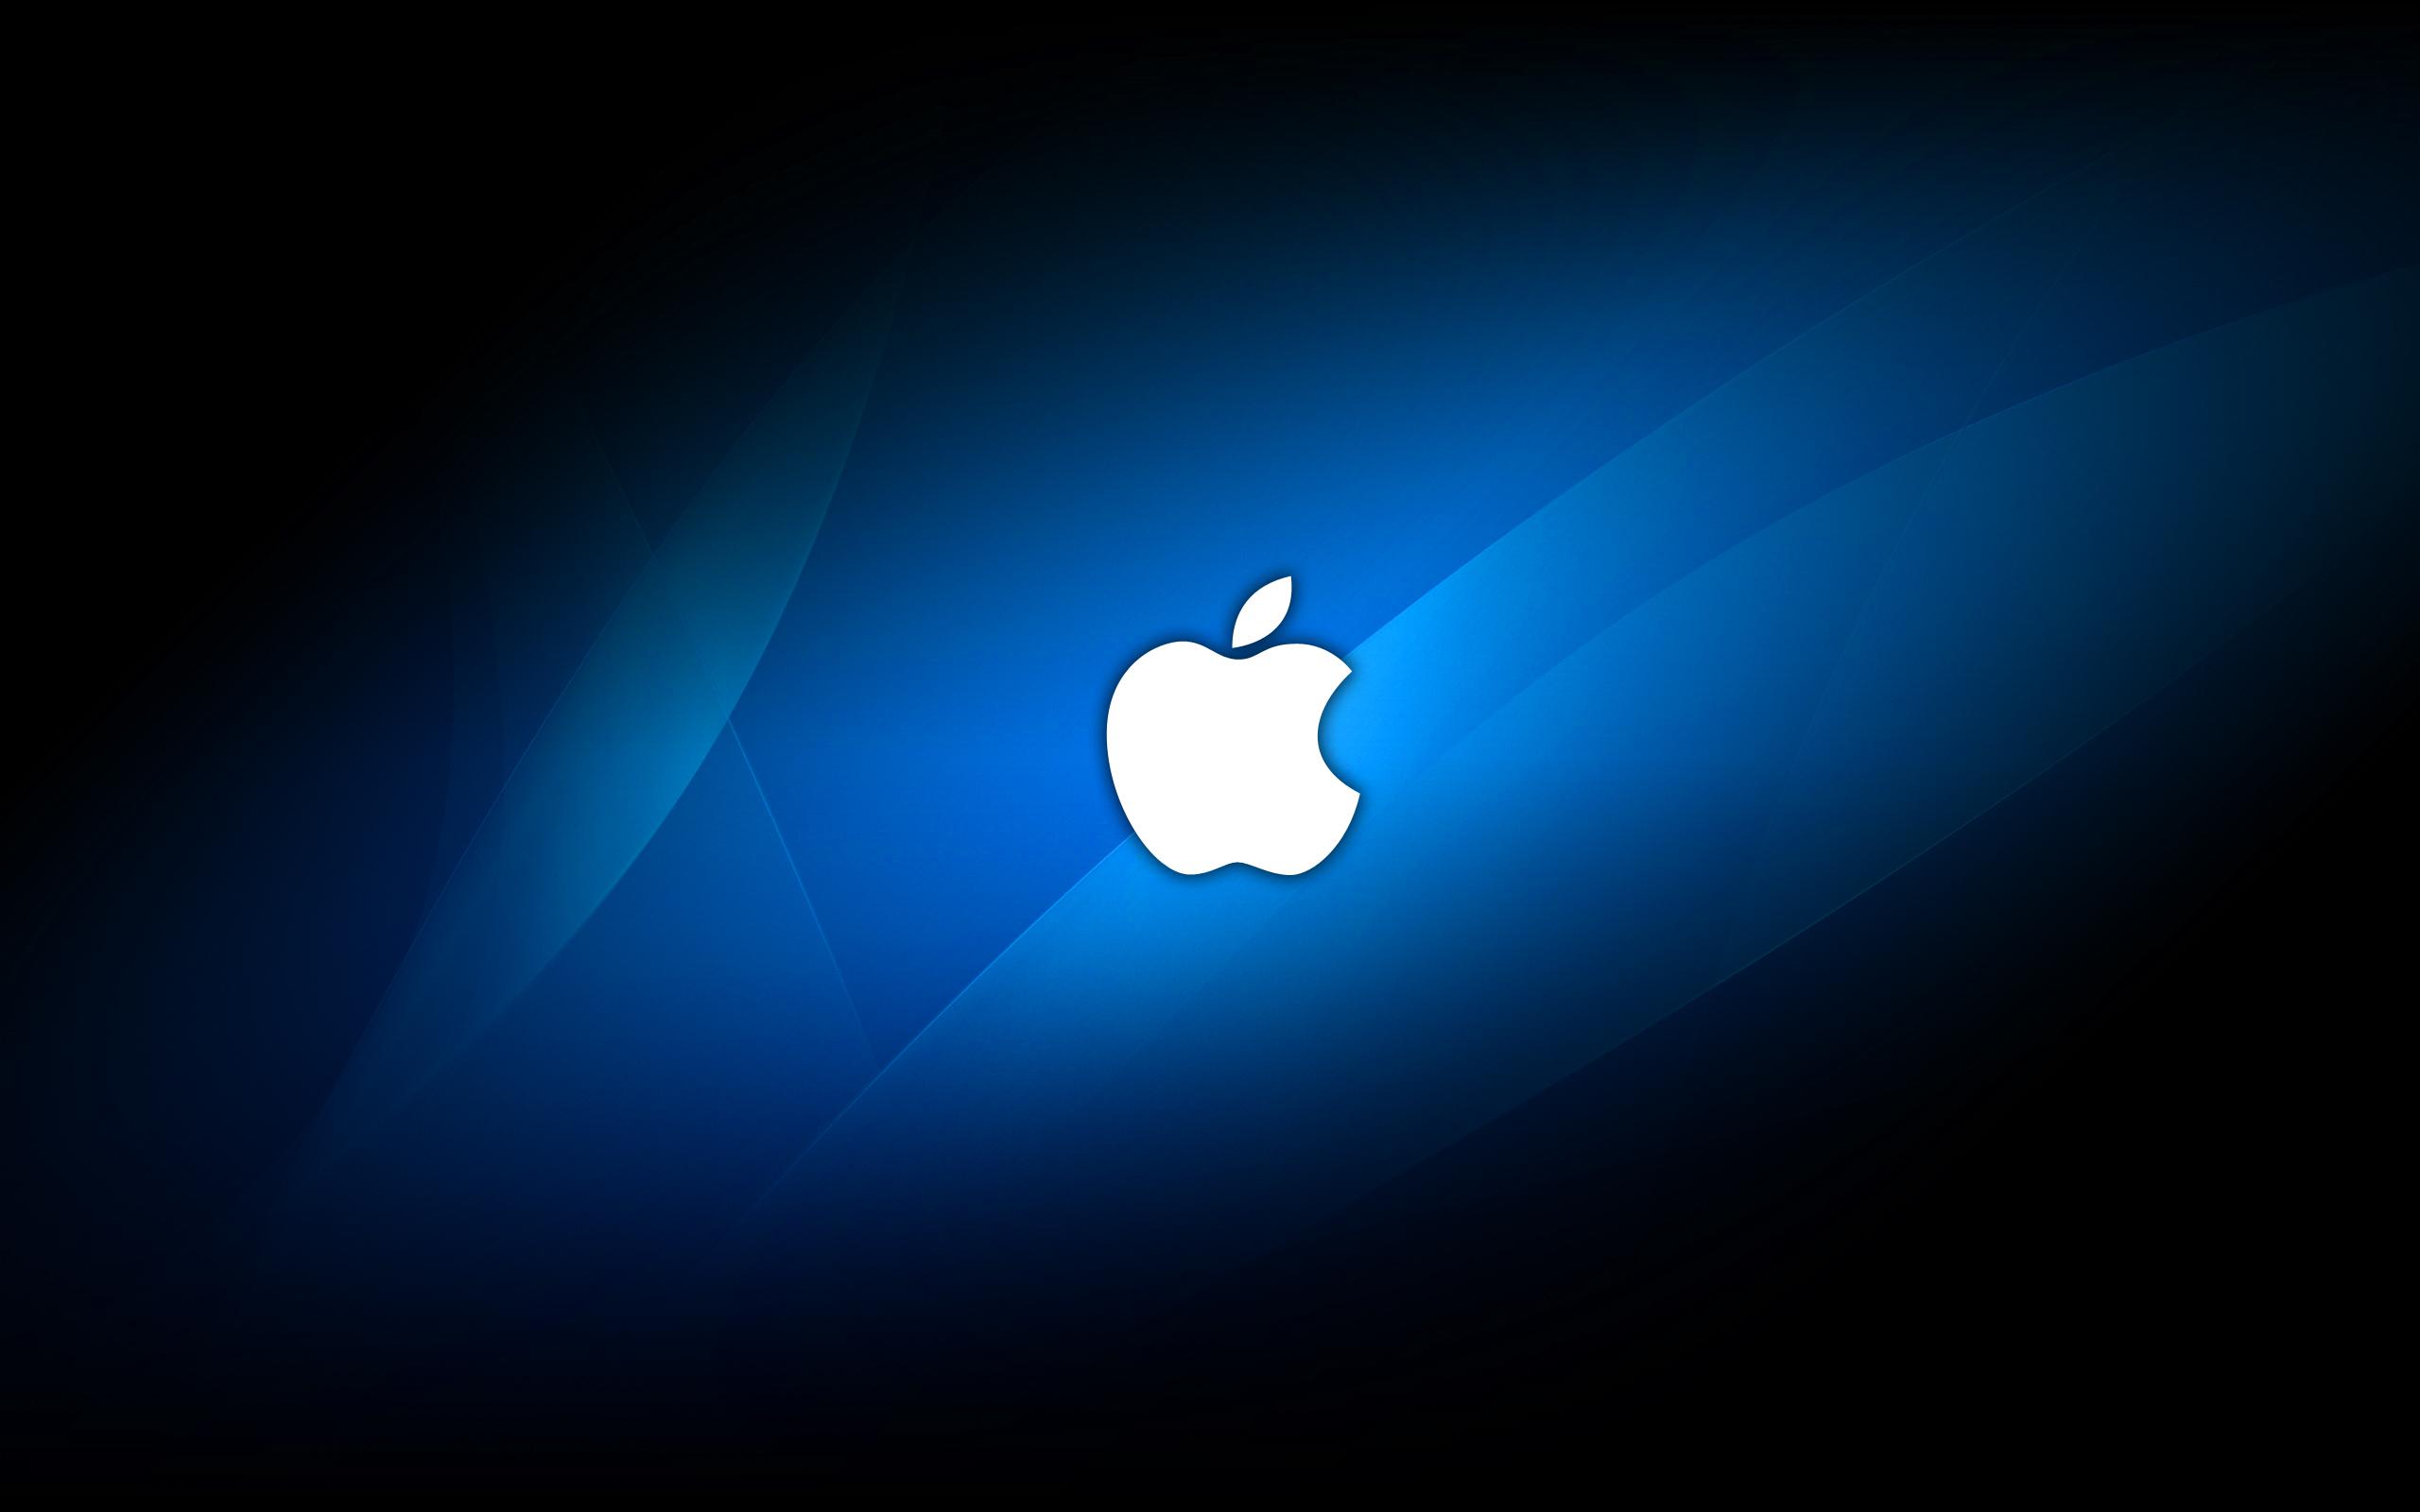 Apple's 64-bit A7 chip (FAQ)